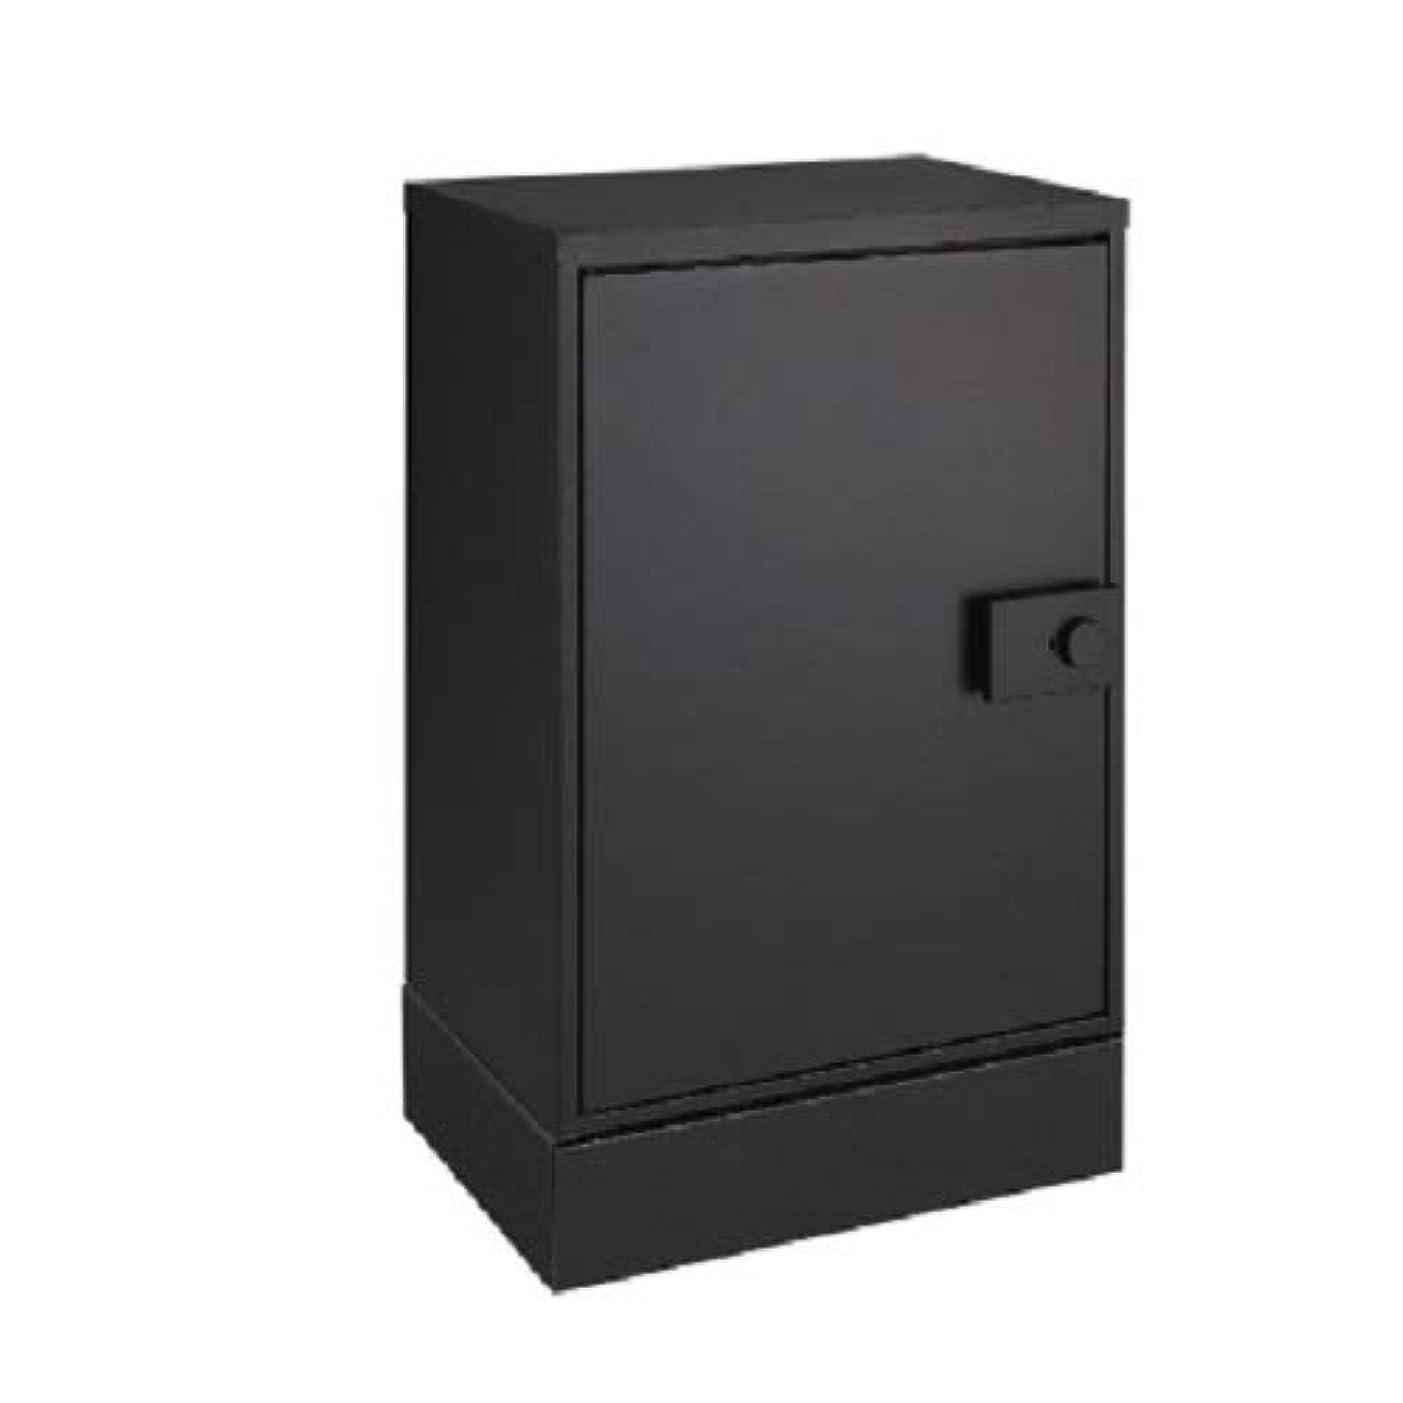 ルネッサンス忠実ブラケットLIXIL(リクシル) 宅配ボックス KT スタンダード 左開き 据置用ベースセット ブラック 8KCD04BK+8KCD06BK